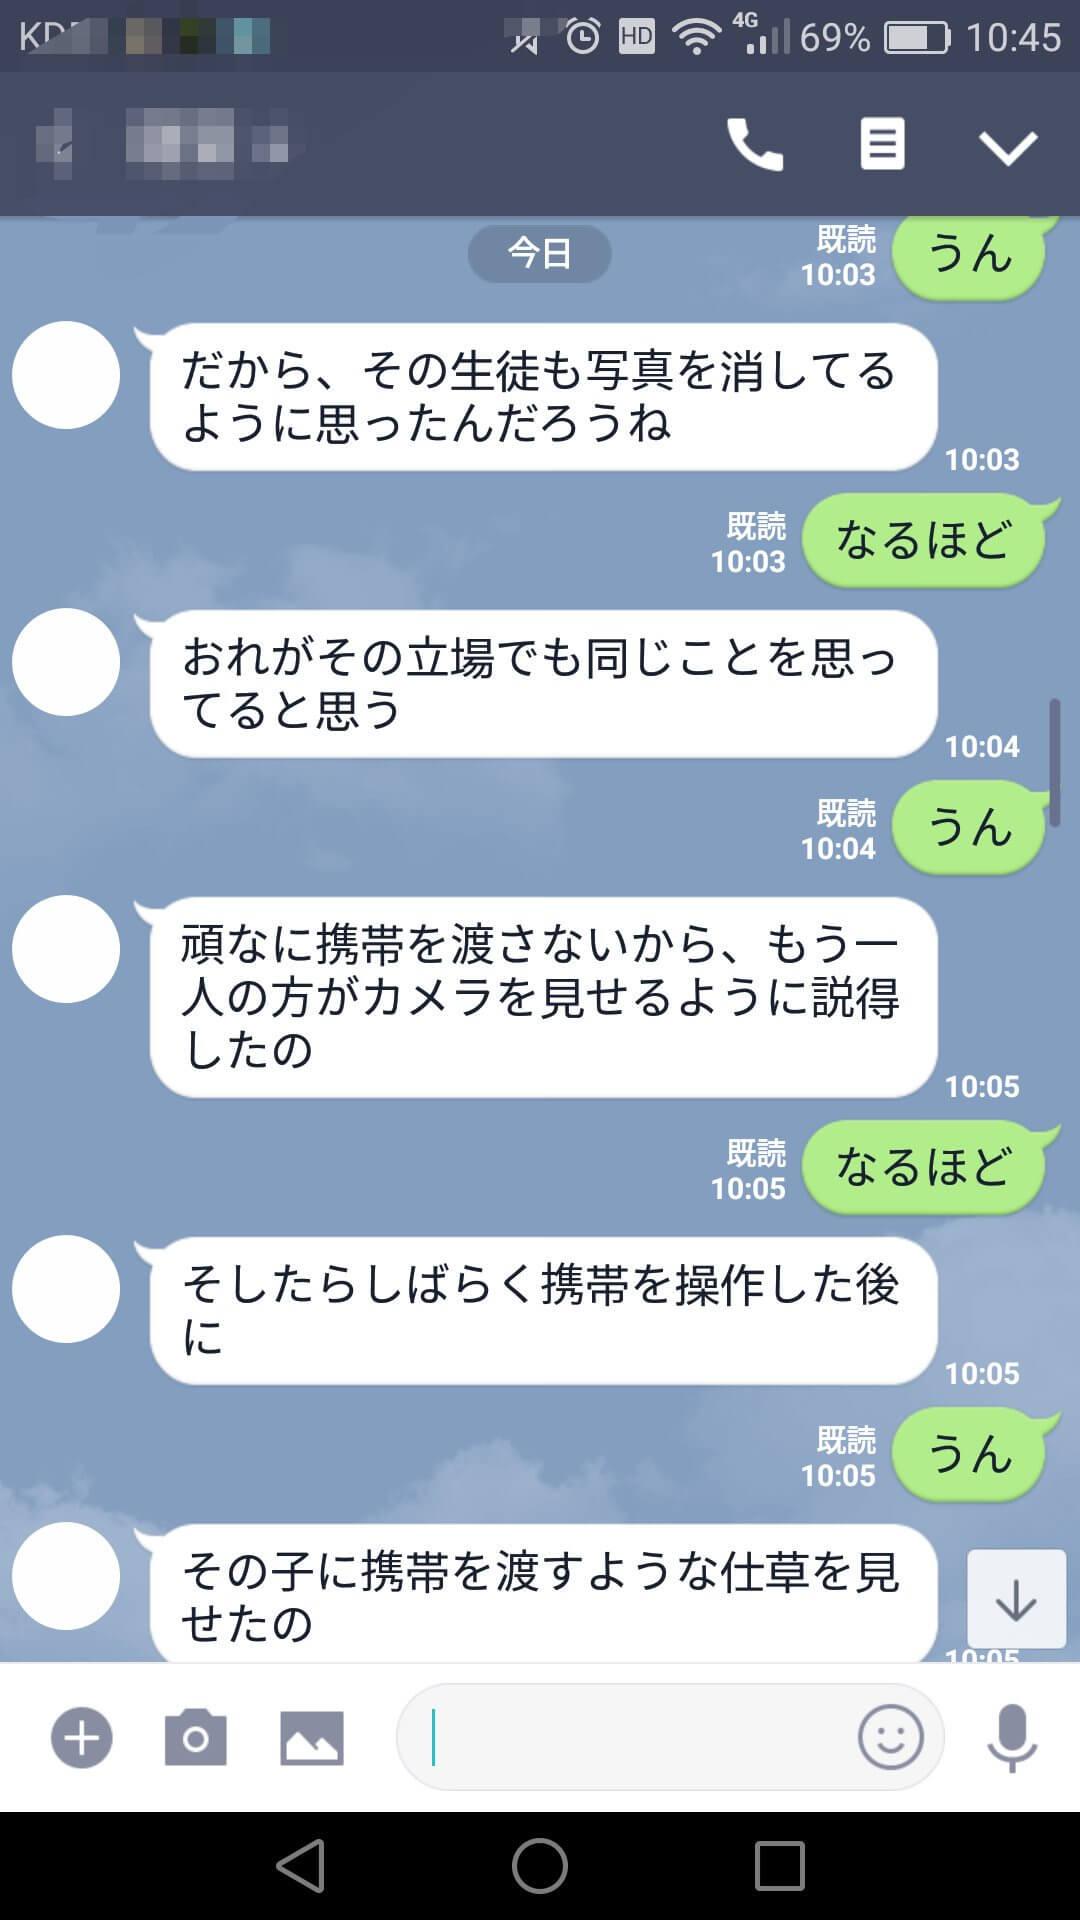 新橋駅前SL広場の騒動についてさなさん(@sana_seria)が関係者に事実関係を確認したキャプチャ画像4